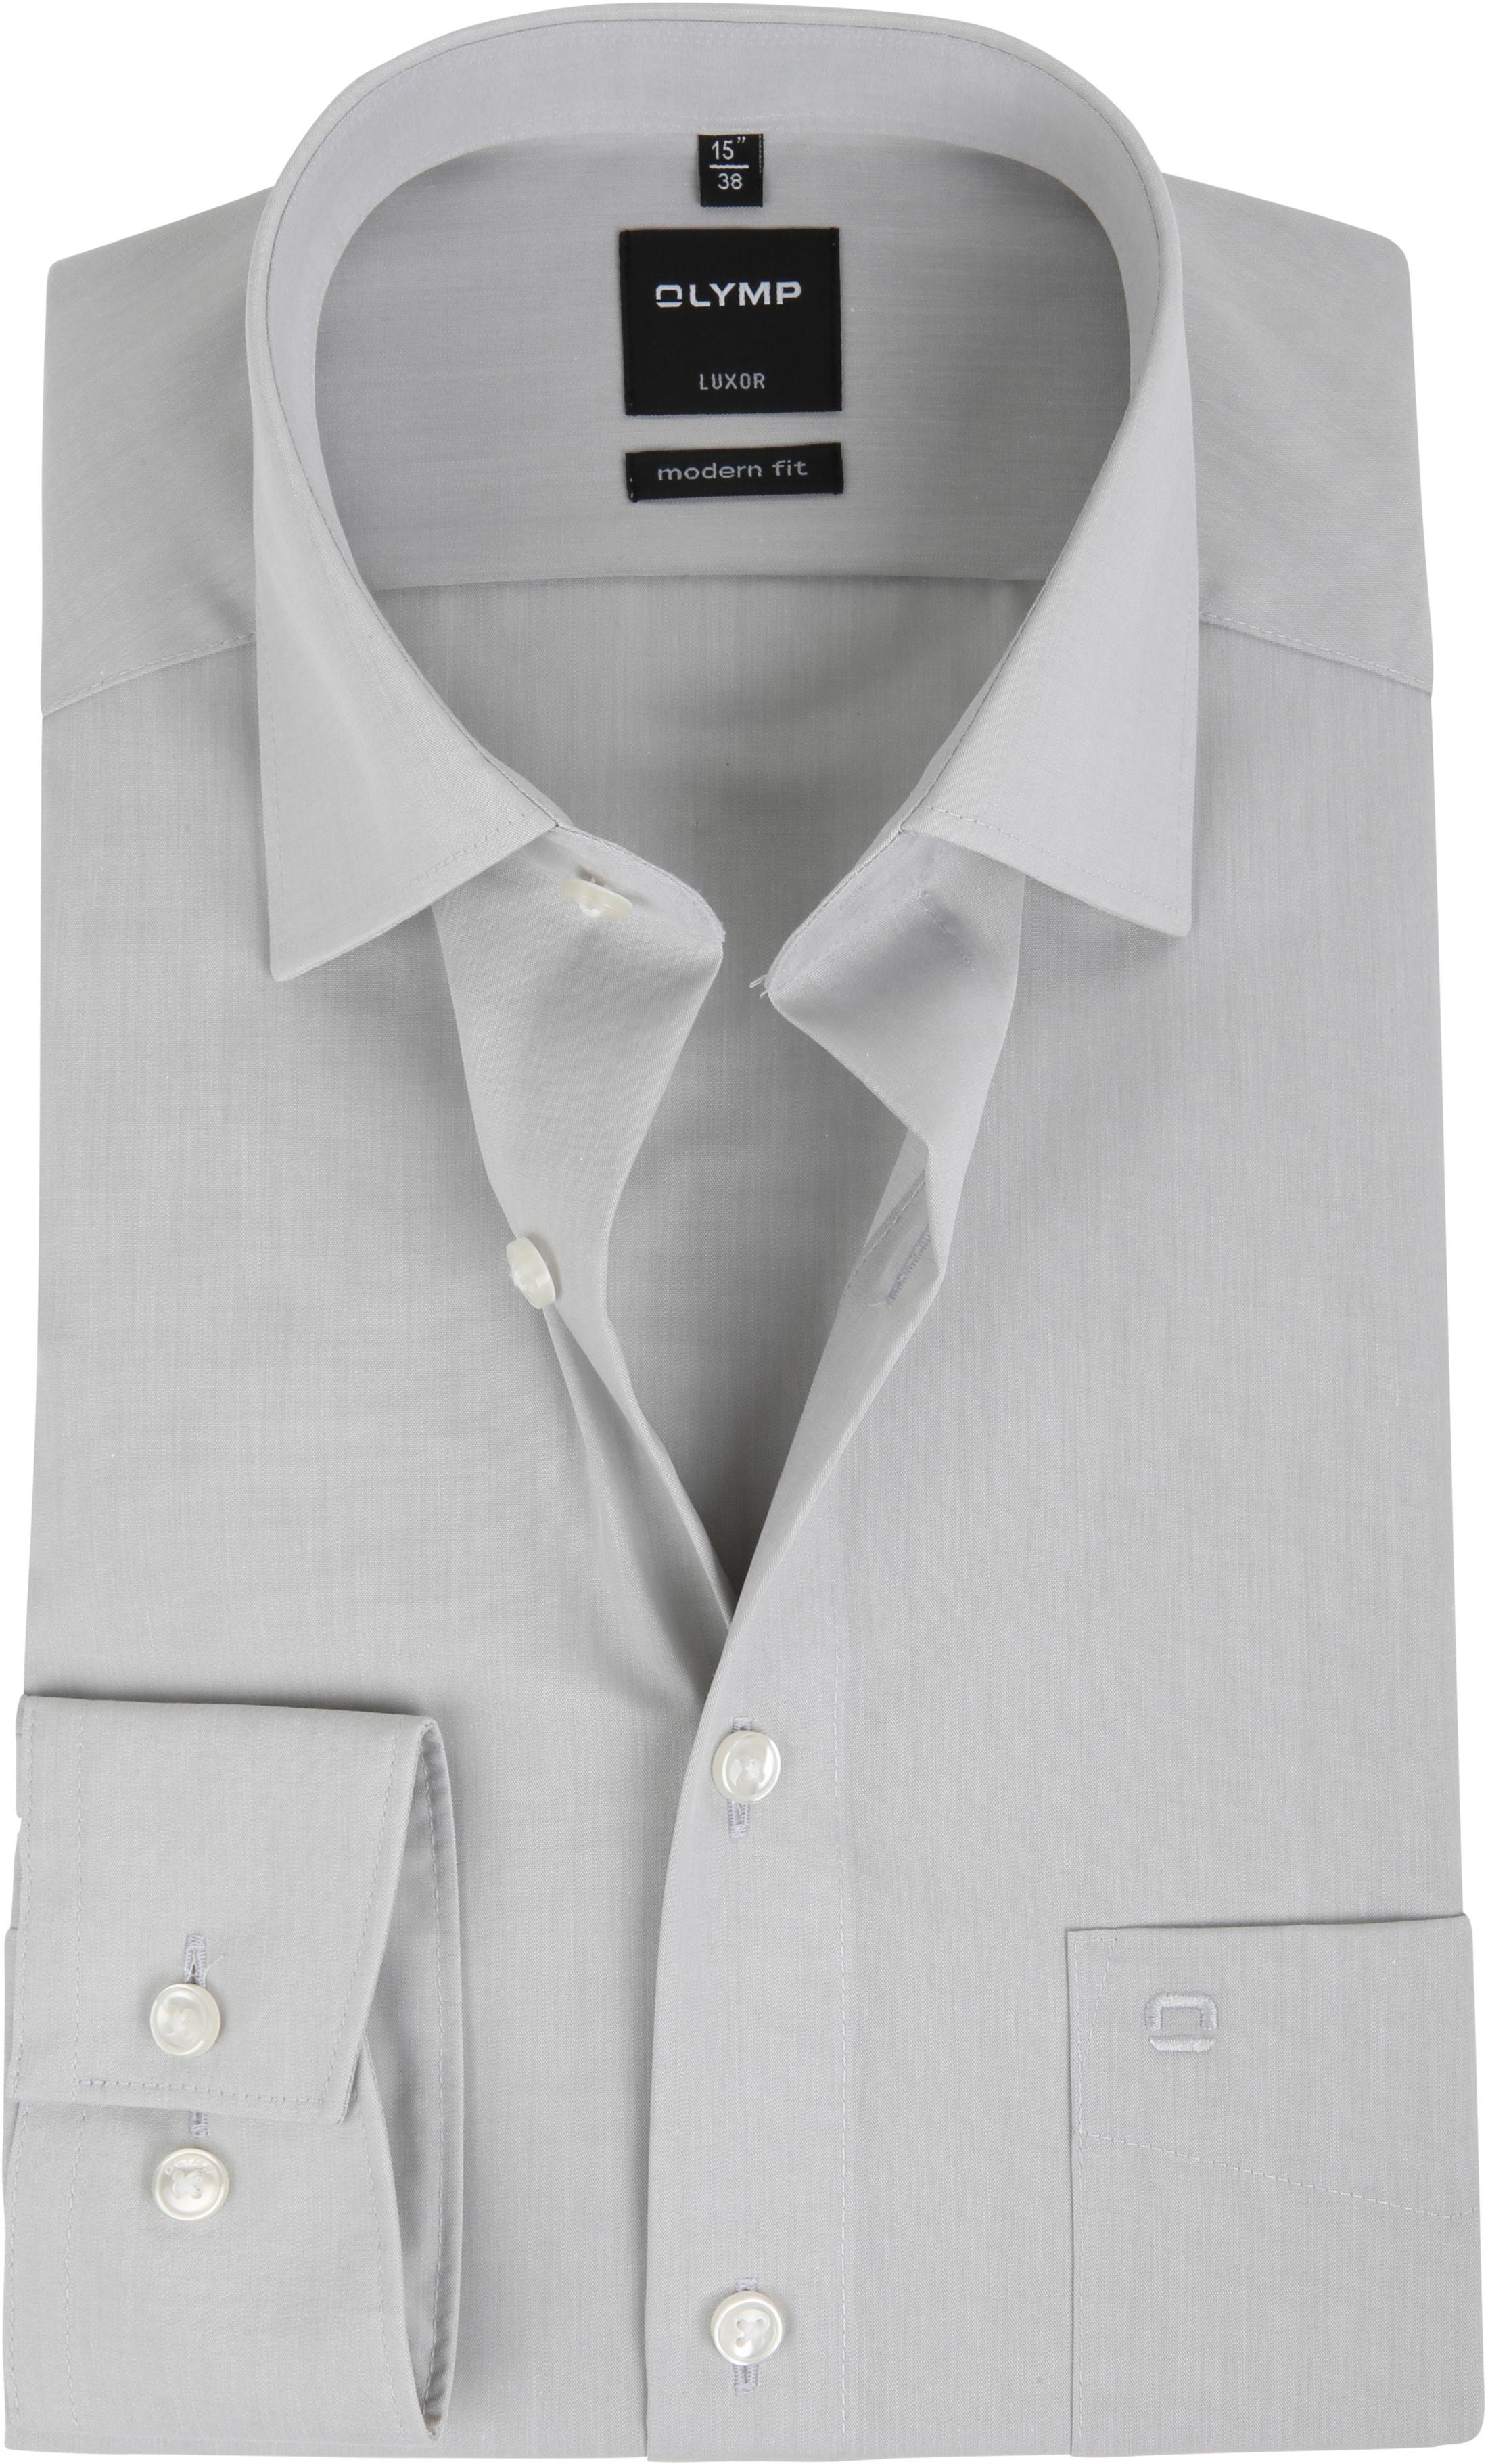 olymp luxor overhemd modern fit grijs 030464. Black Bedroom Furniture Sets. Home Design Ideas